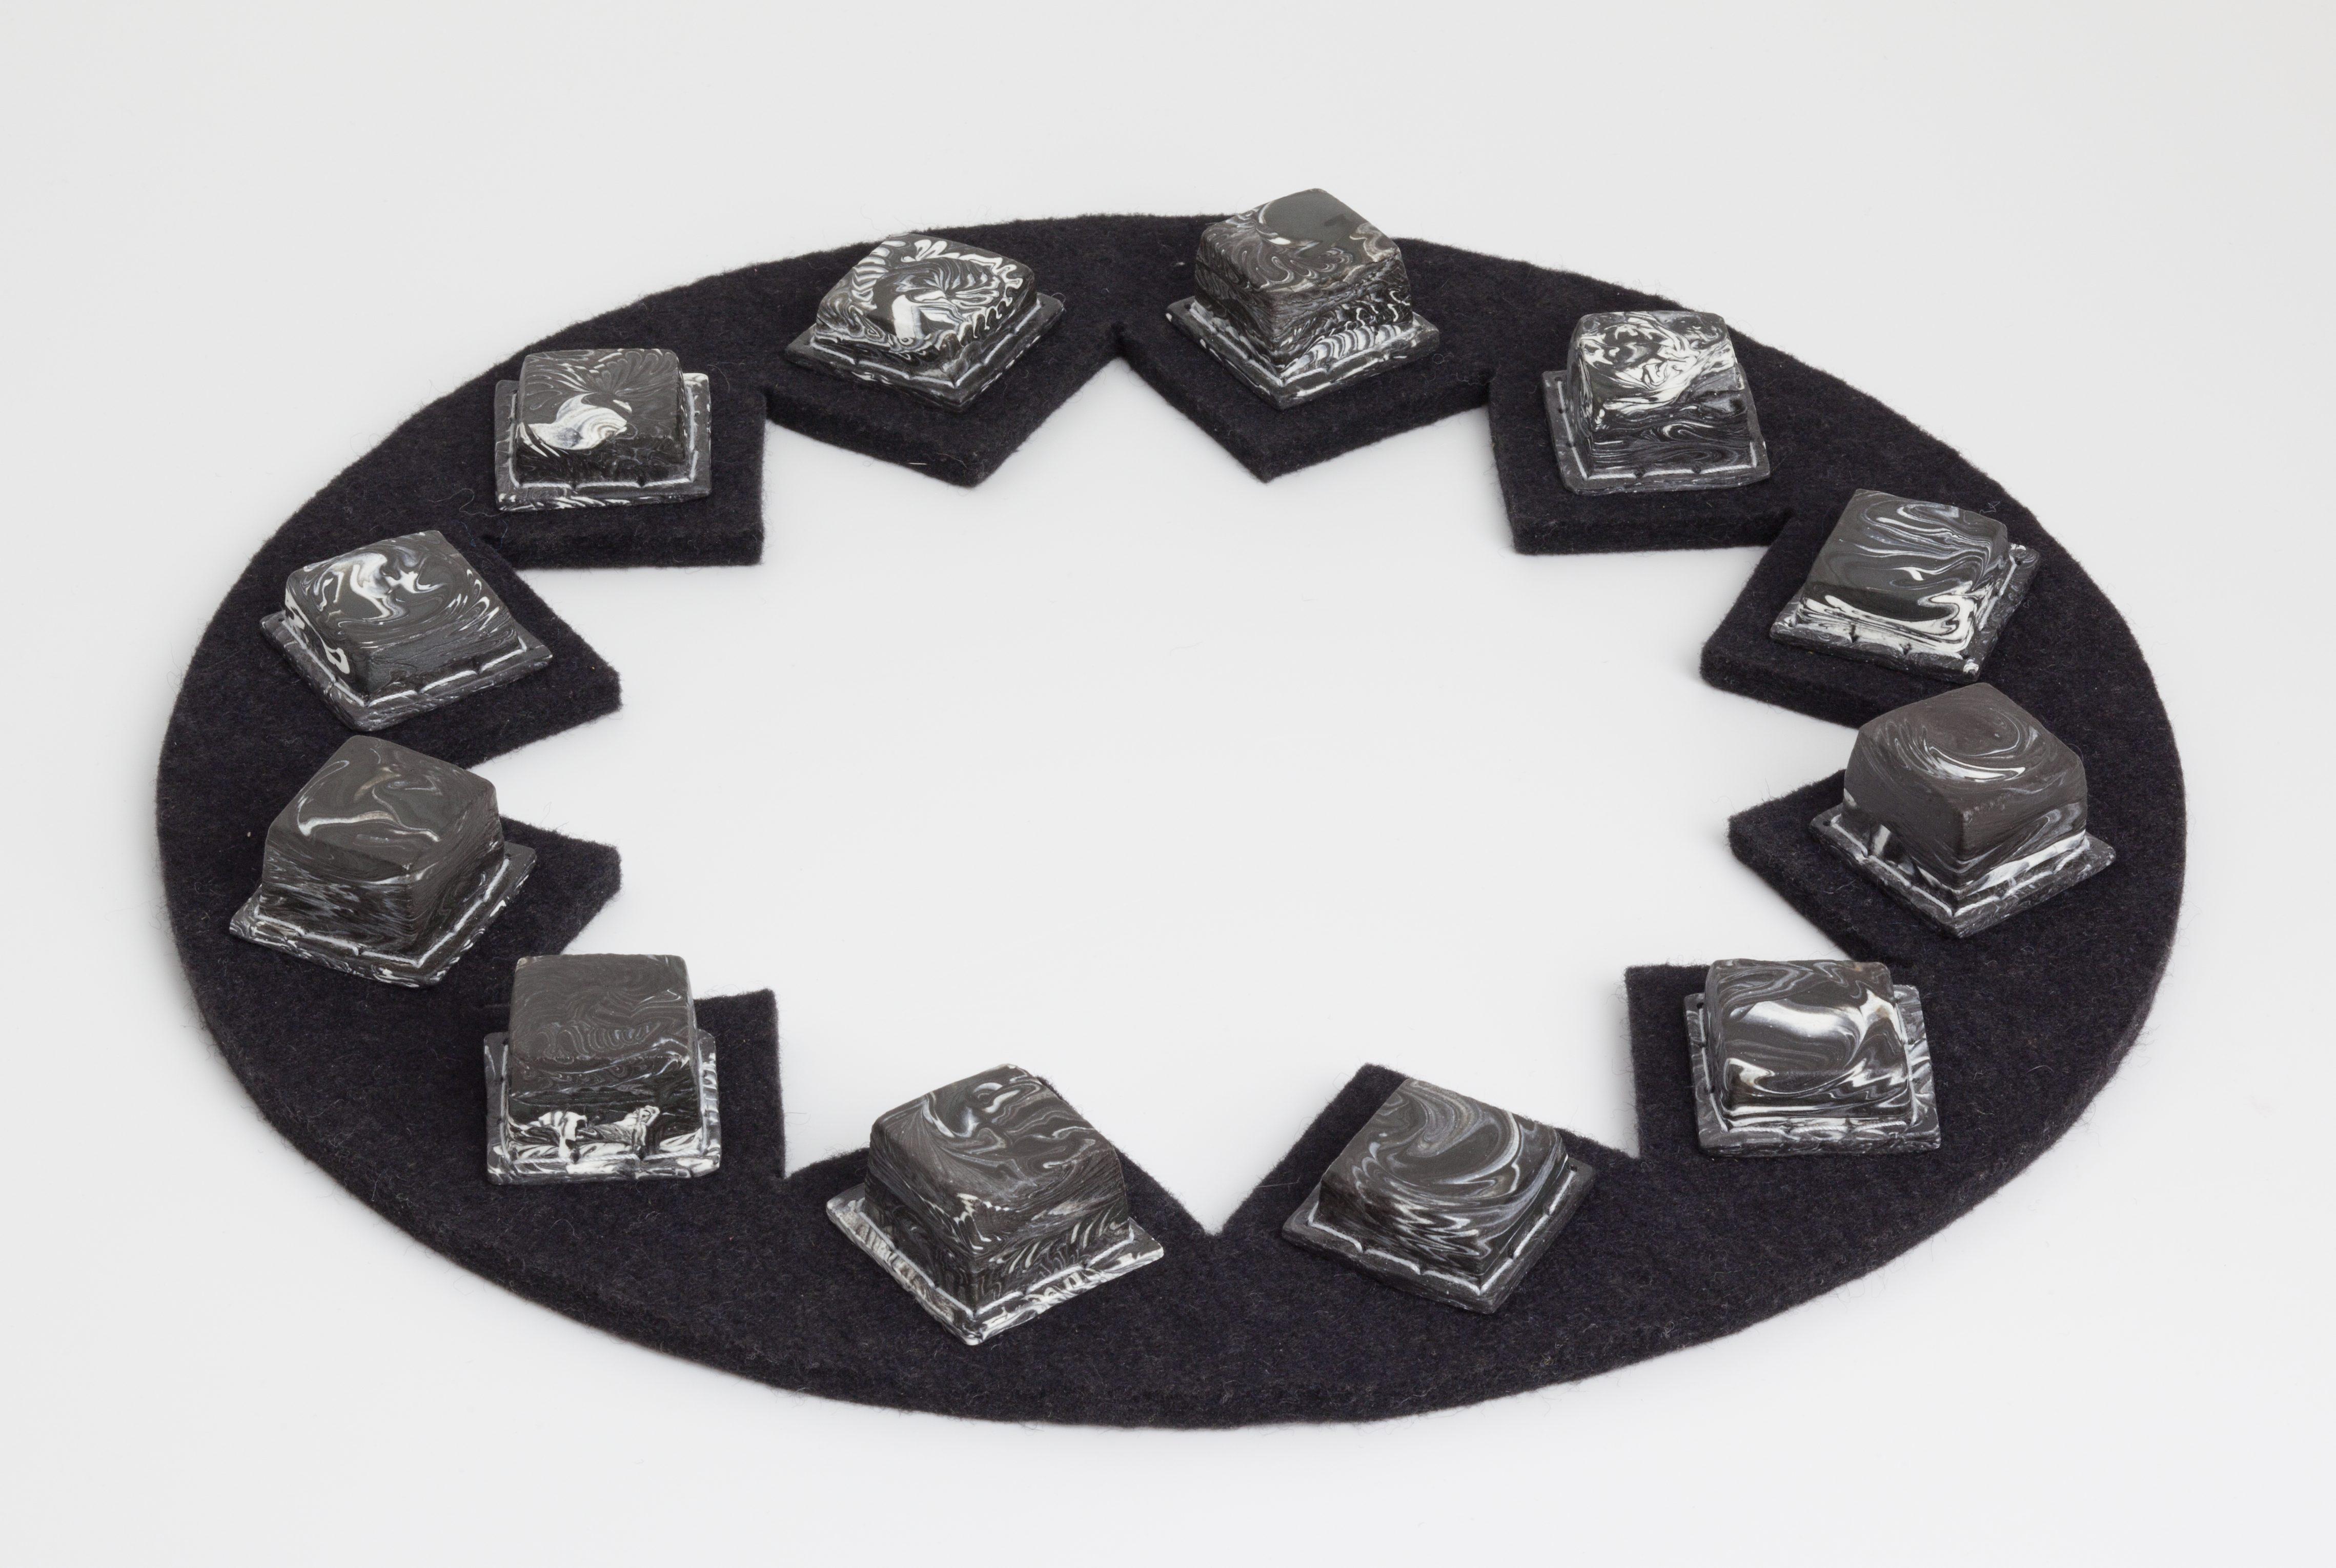 Maria Hees, halssieraad, 2004. Collectie Jurriaan van den Berg, Collectie Museum Arnhem, rubber